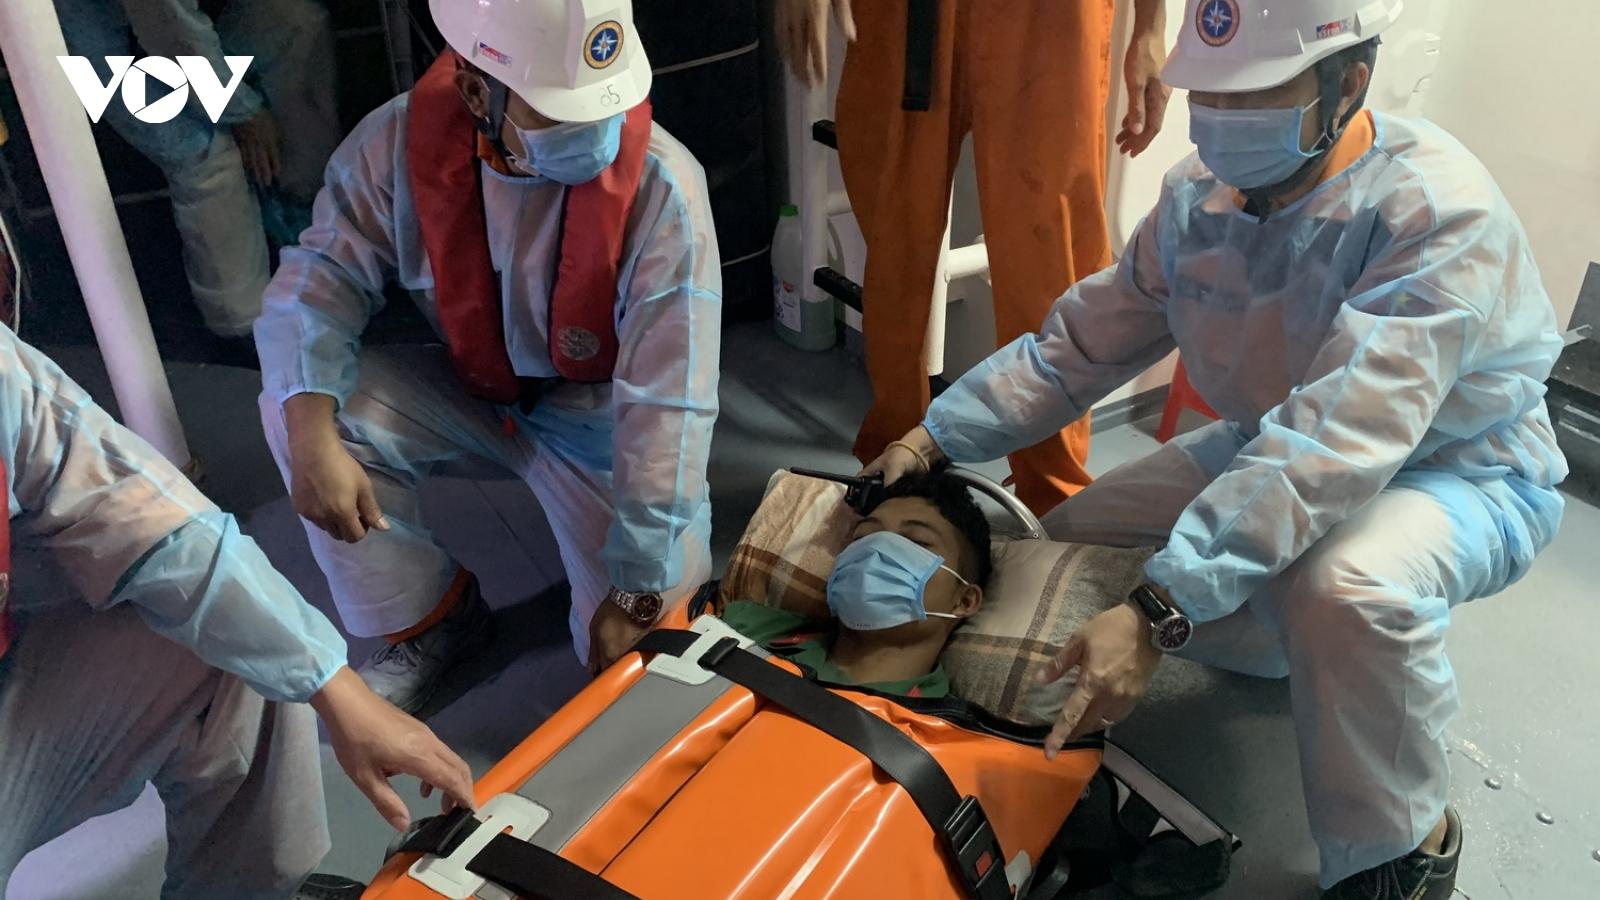 Cấp cứu giáo viên và quân nhân bị bệnh trên đảo Cù Lao Chàm